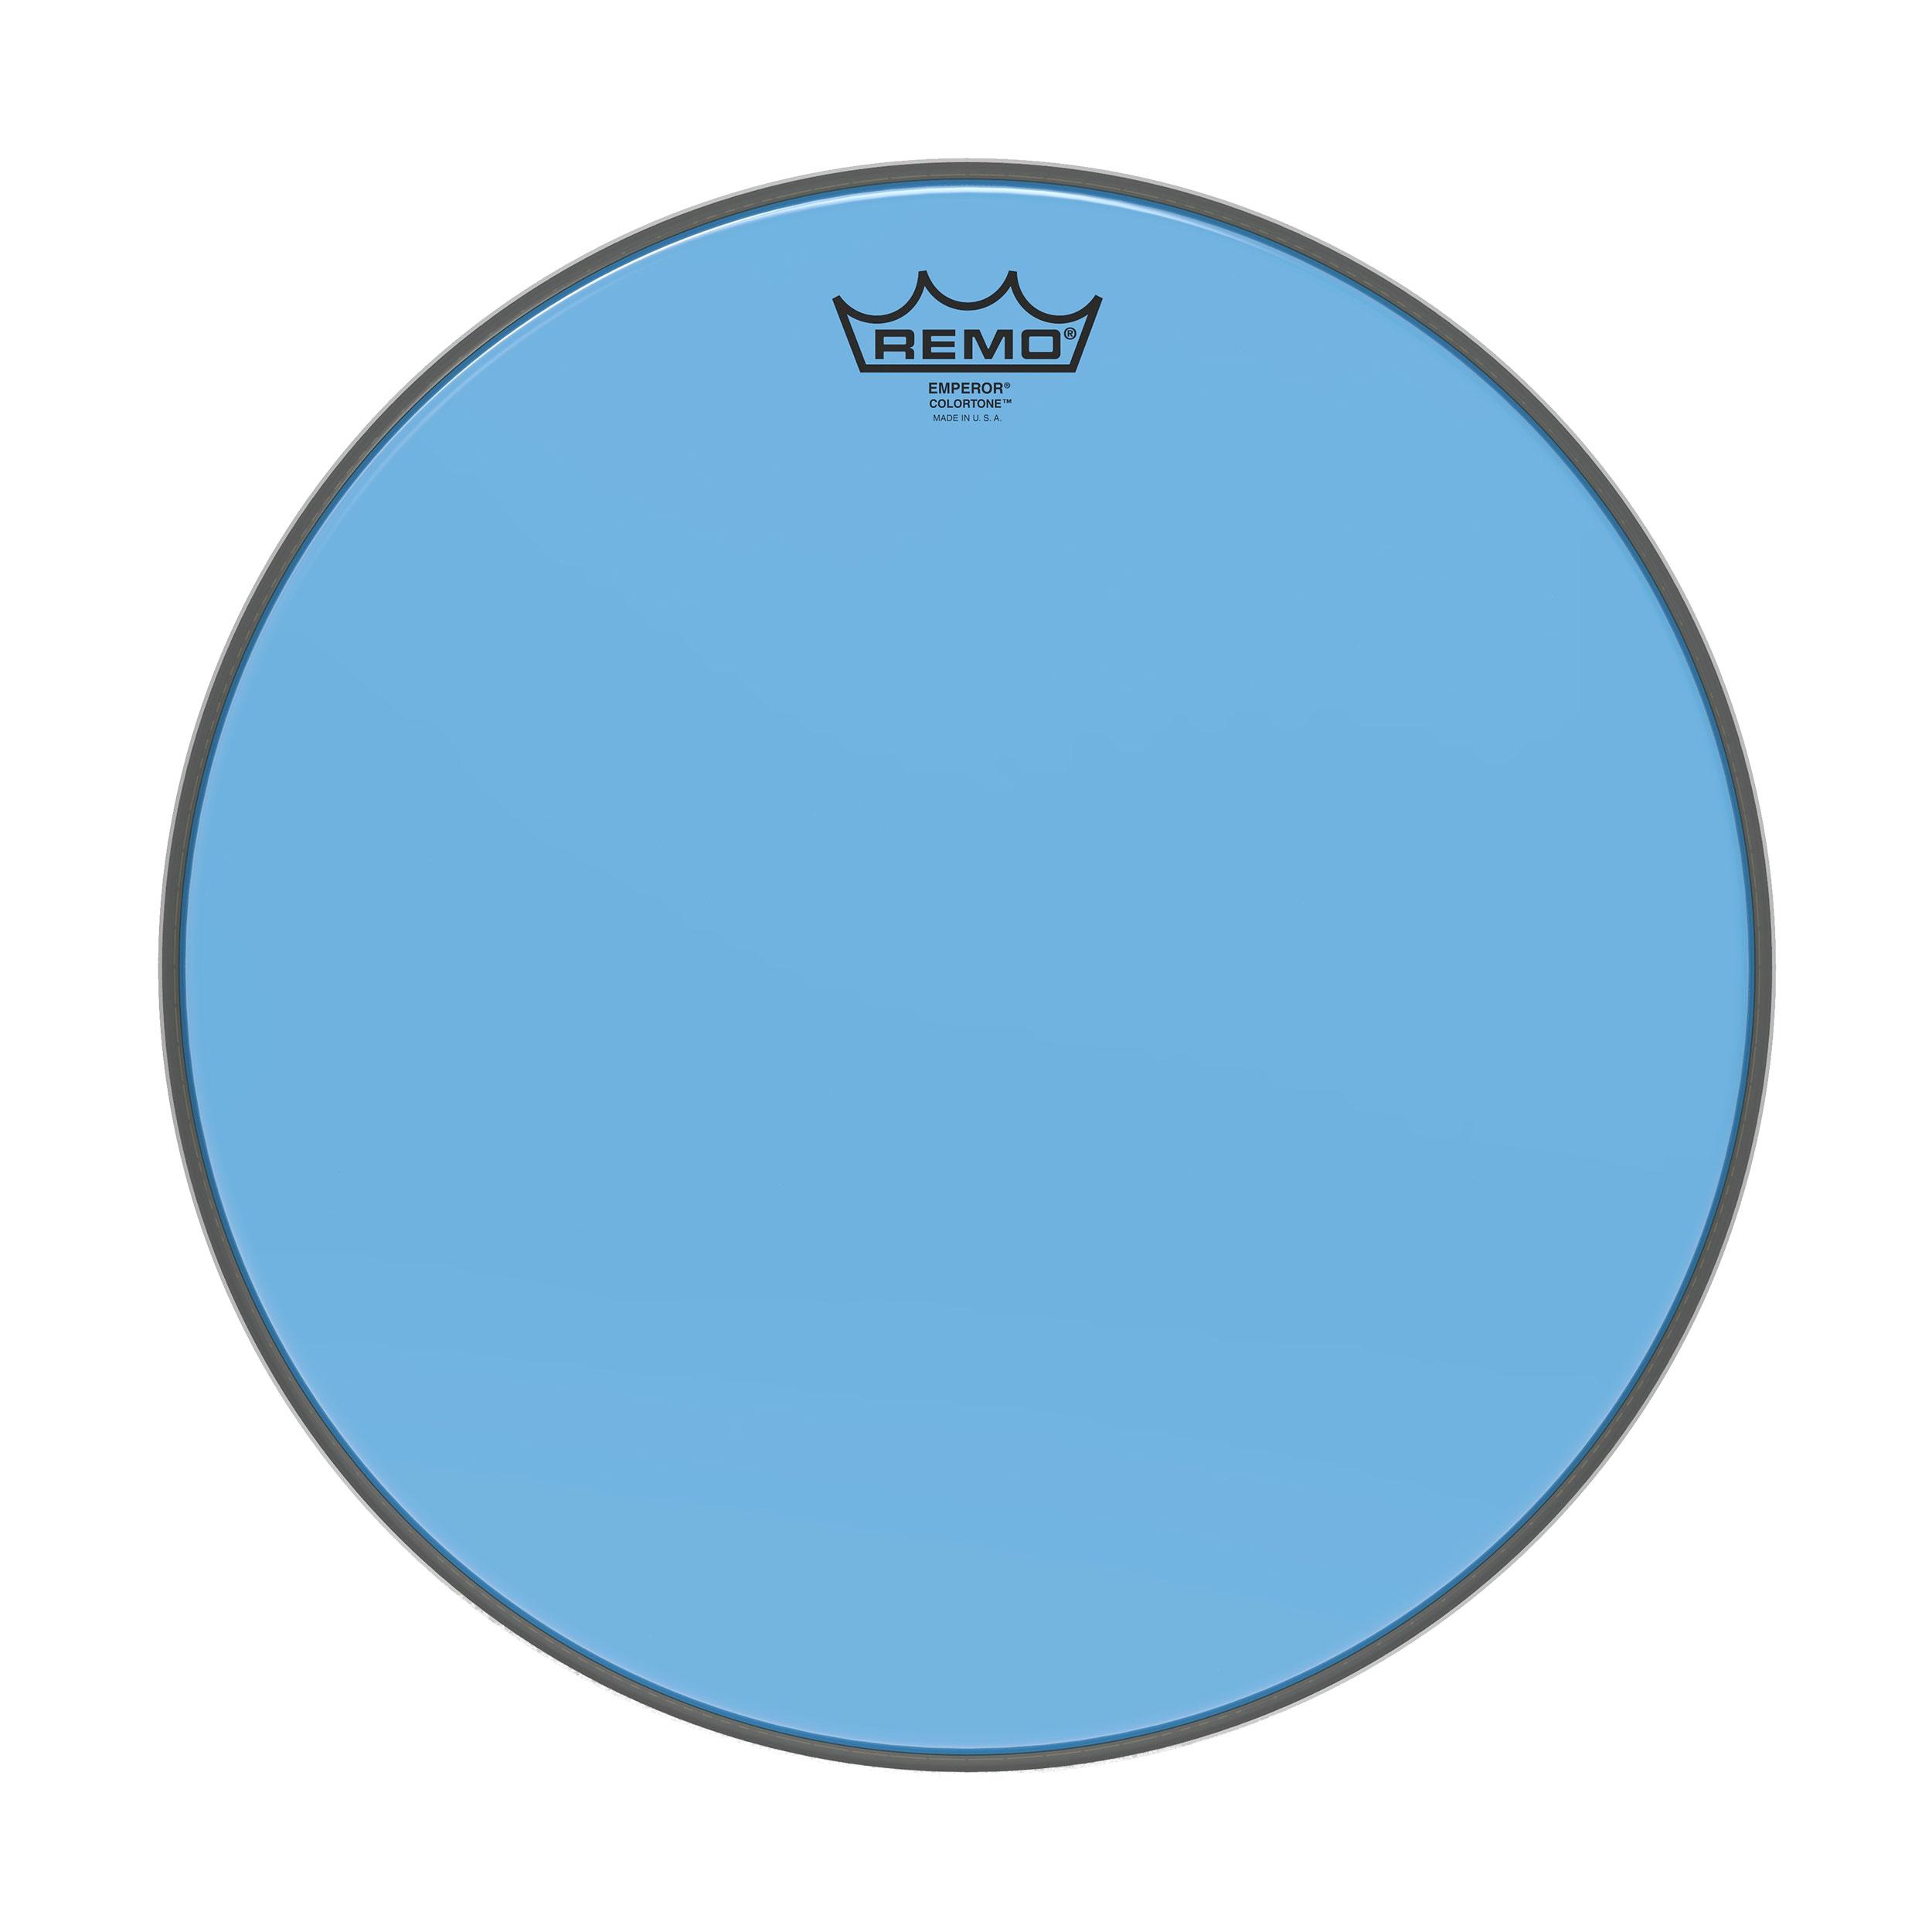 REMO BE-0310-CT-BU - Remo-Pelle battente/risonante Emperor COLORTONE Trasparente Tom 10 Blue